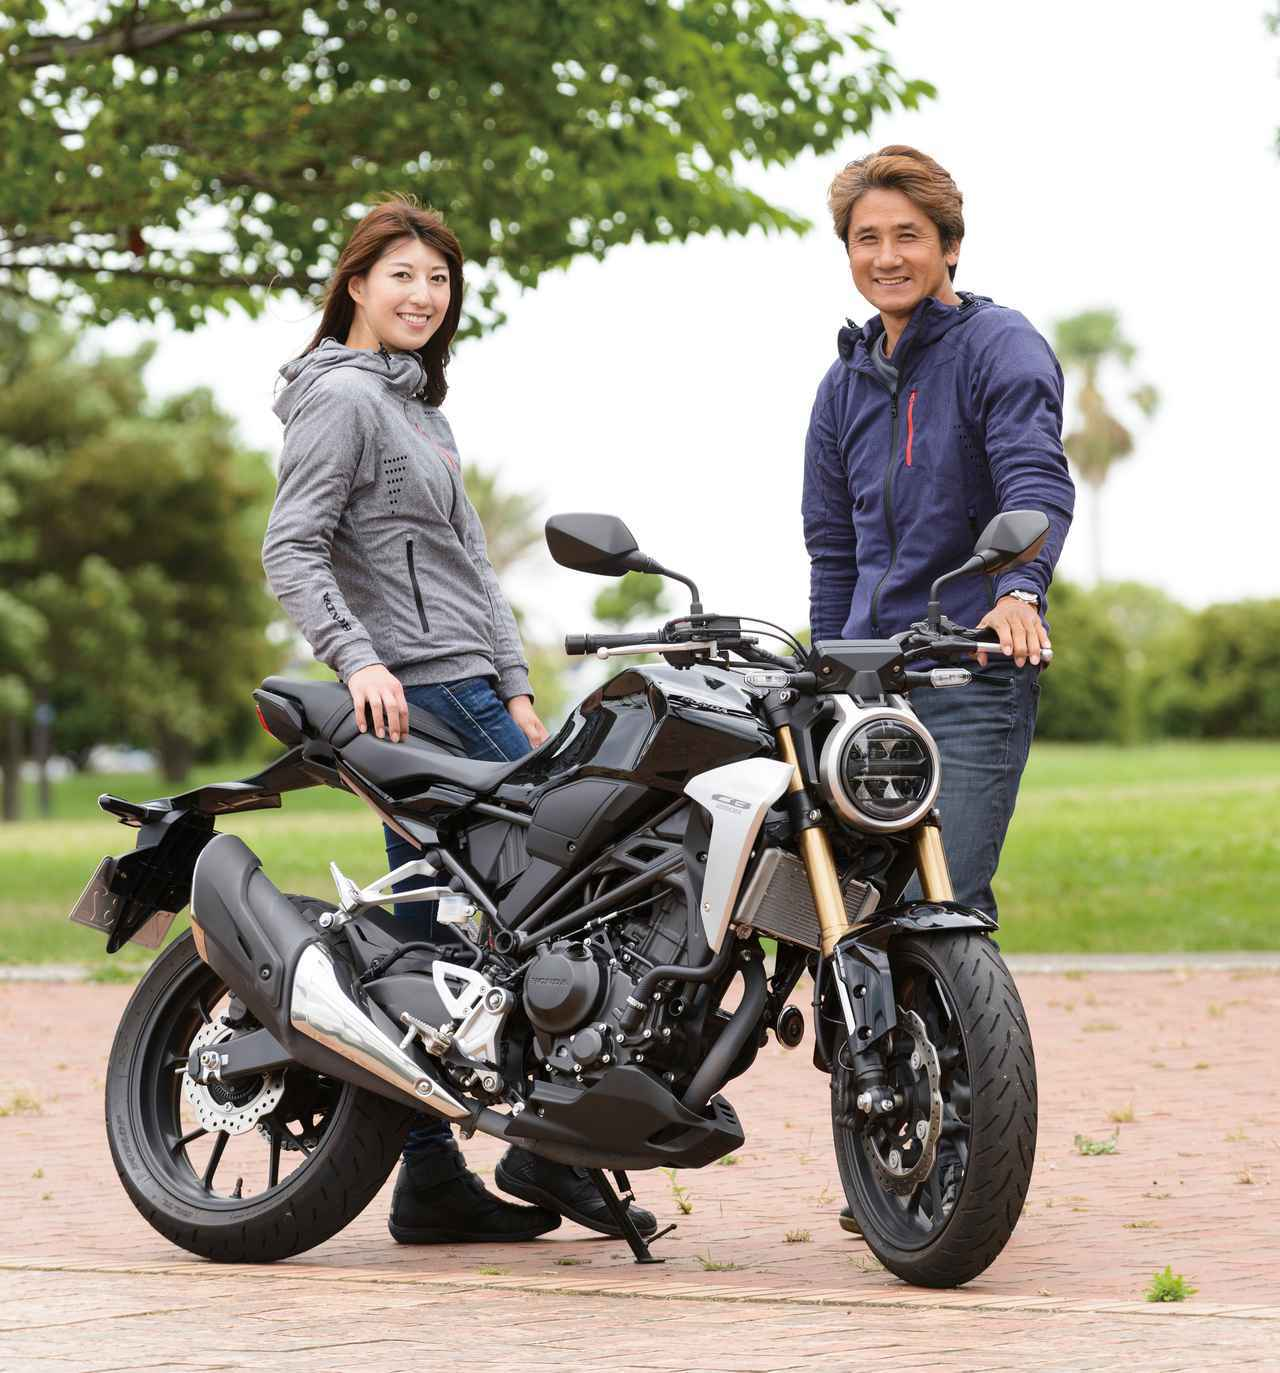 画像: 【インプレ】ホンダ「CB250R」 伊藤真一のロングラン研究所 - webオートバイ